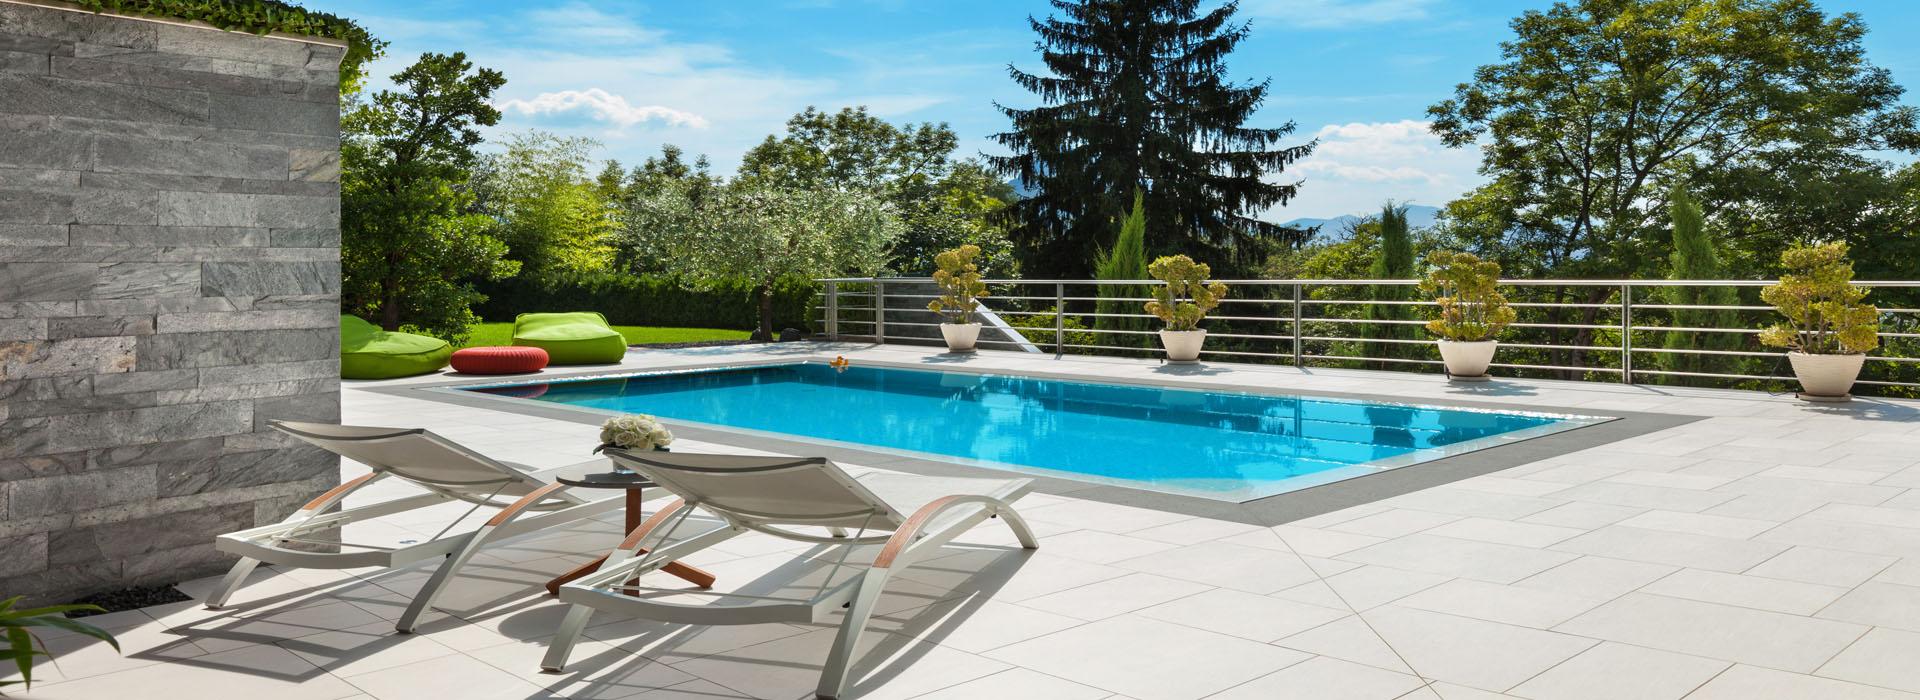 pool living ihr fachmarkt f r pool komplettsets und zubeh r. Black Bedroom Furniture Sets. Home Design Ideas